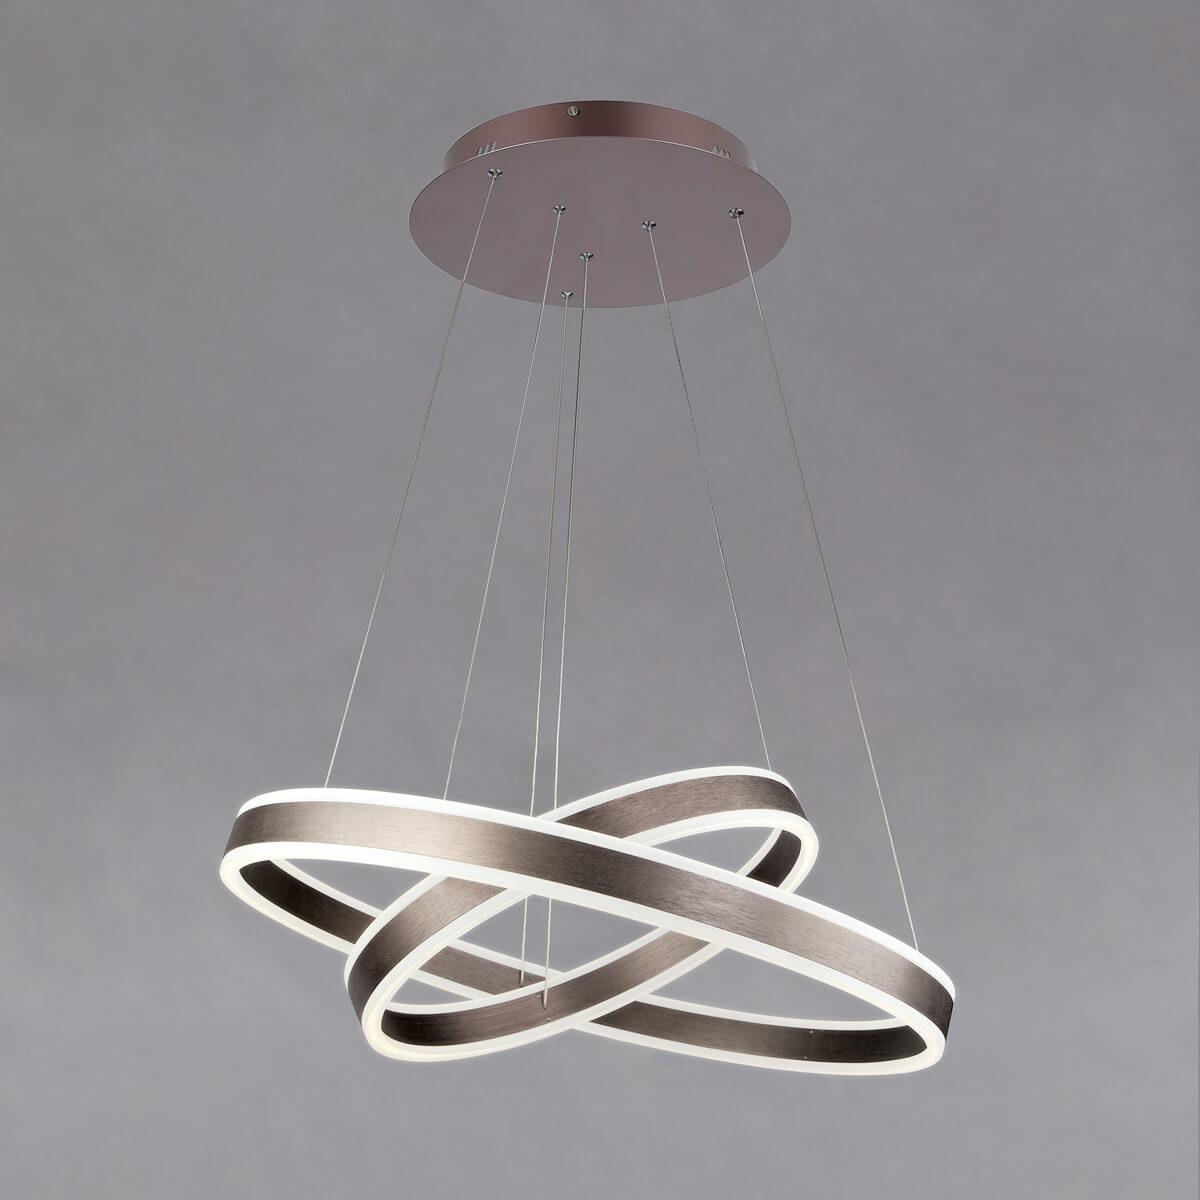 Светильник Bogates 415/2 Titan светильник на штанге 415 pl 415 6 26 dec 63 madonna